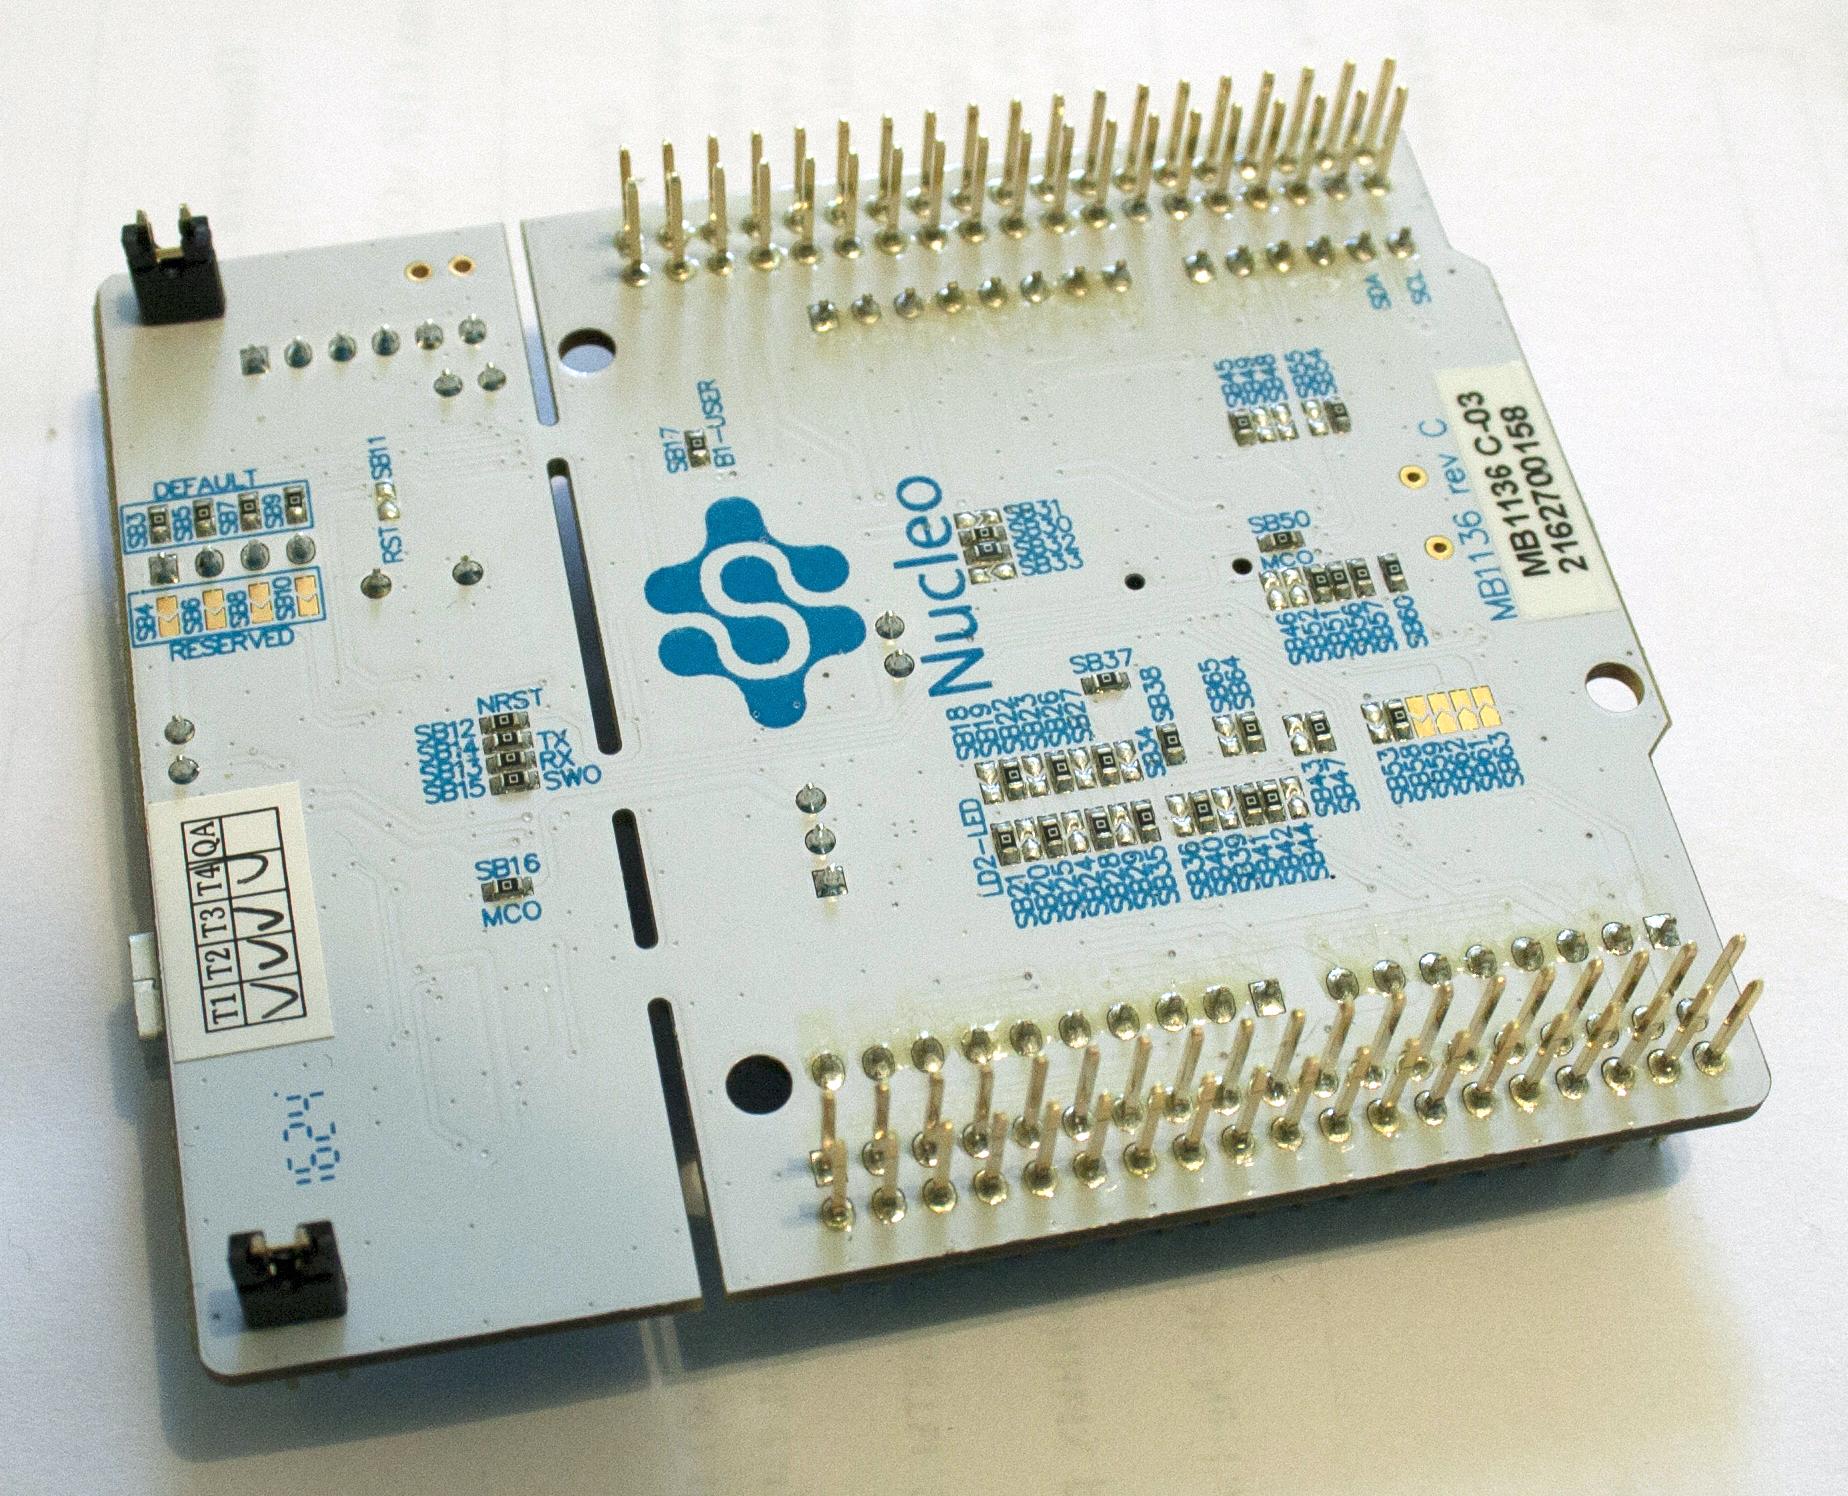 Nucleo-64 STM32F030 обратная сторона